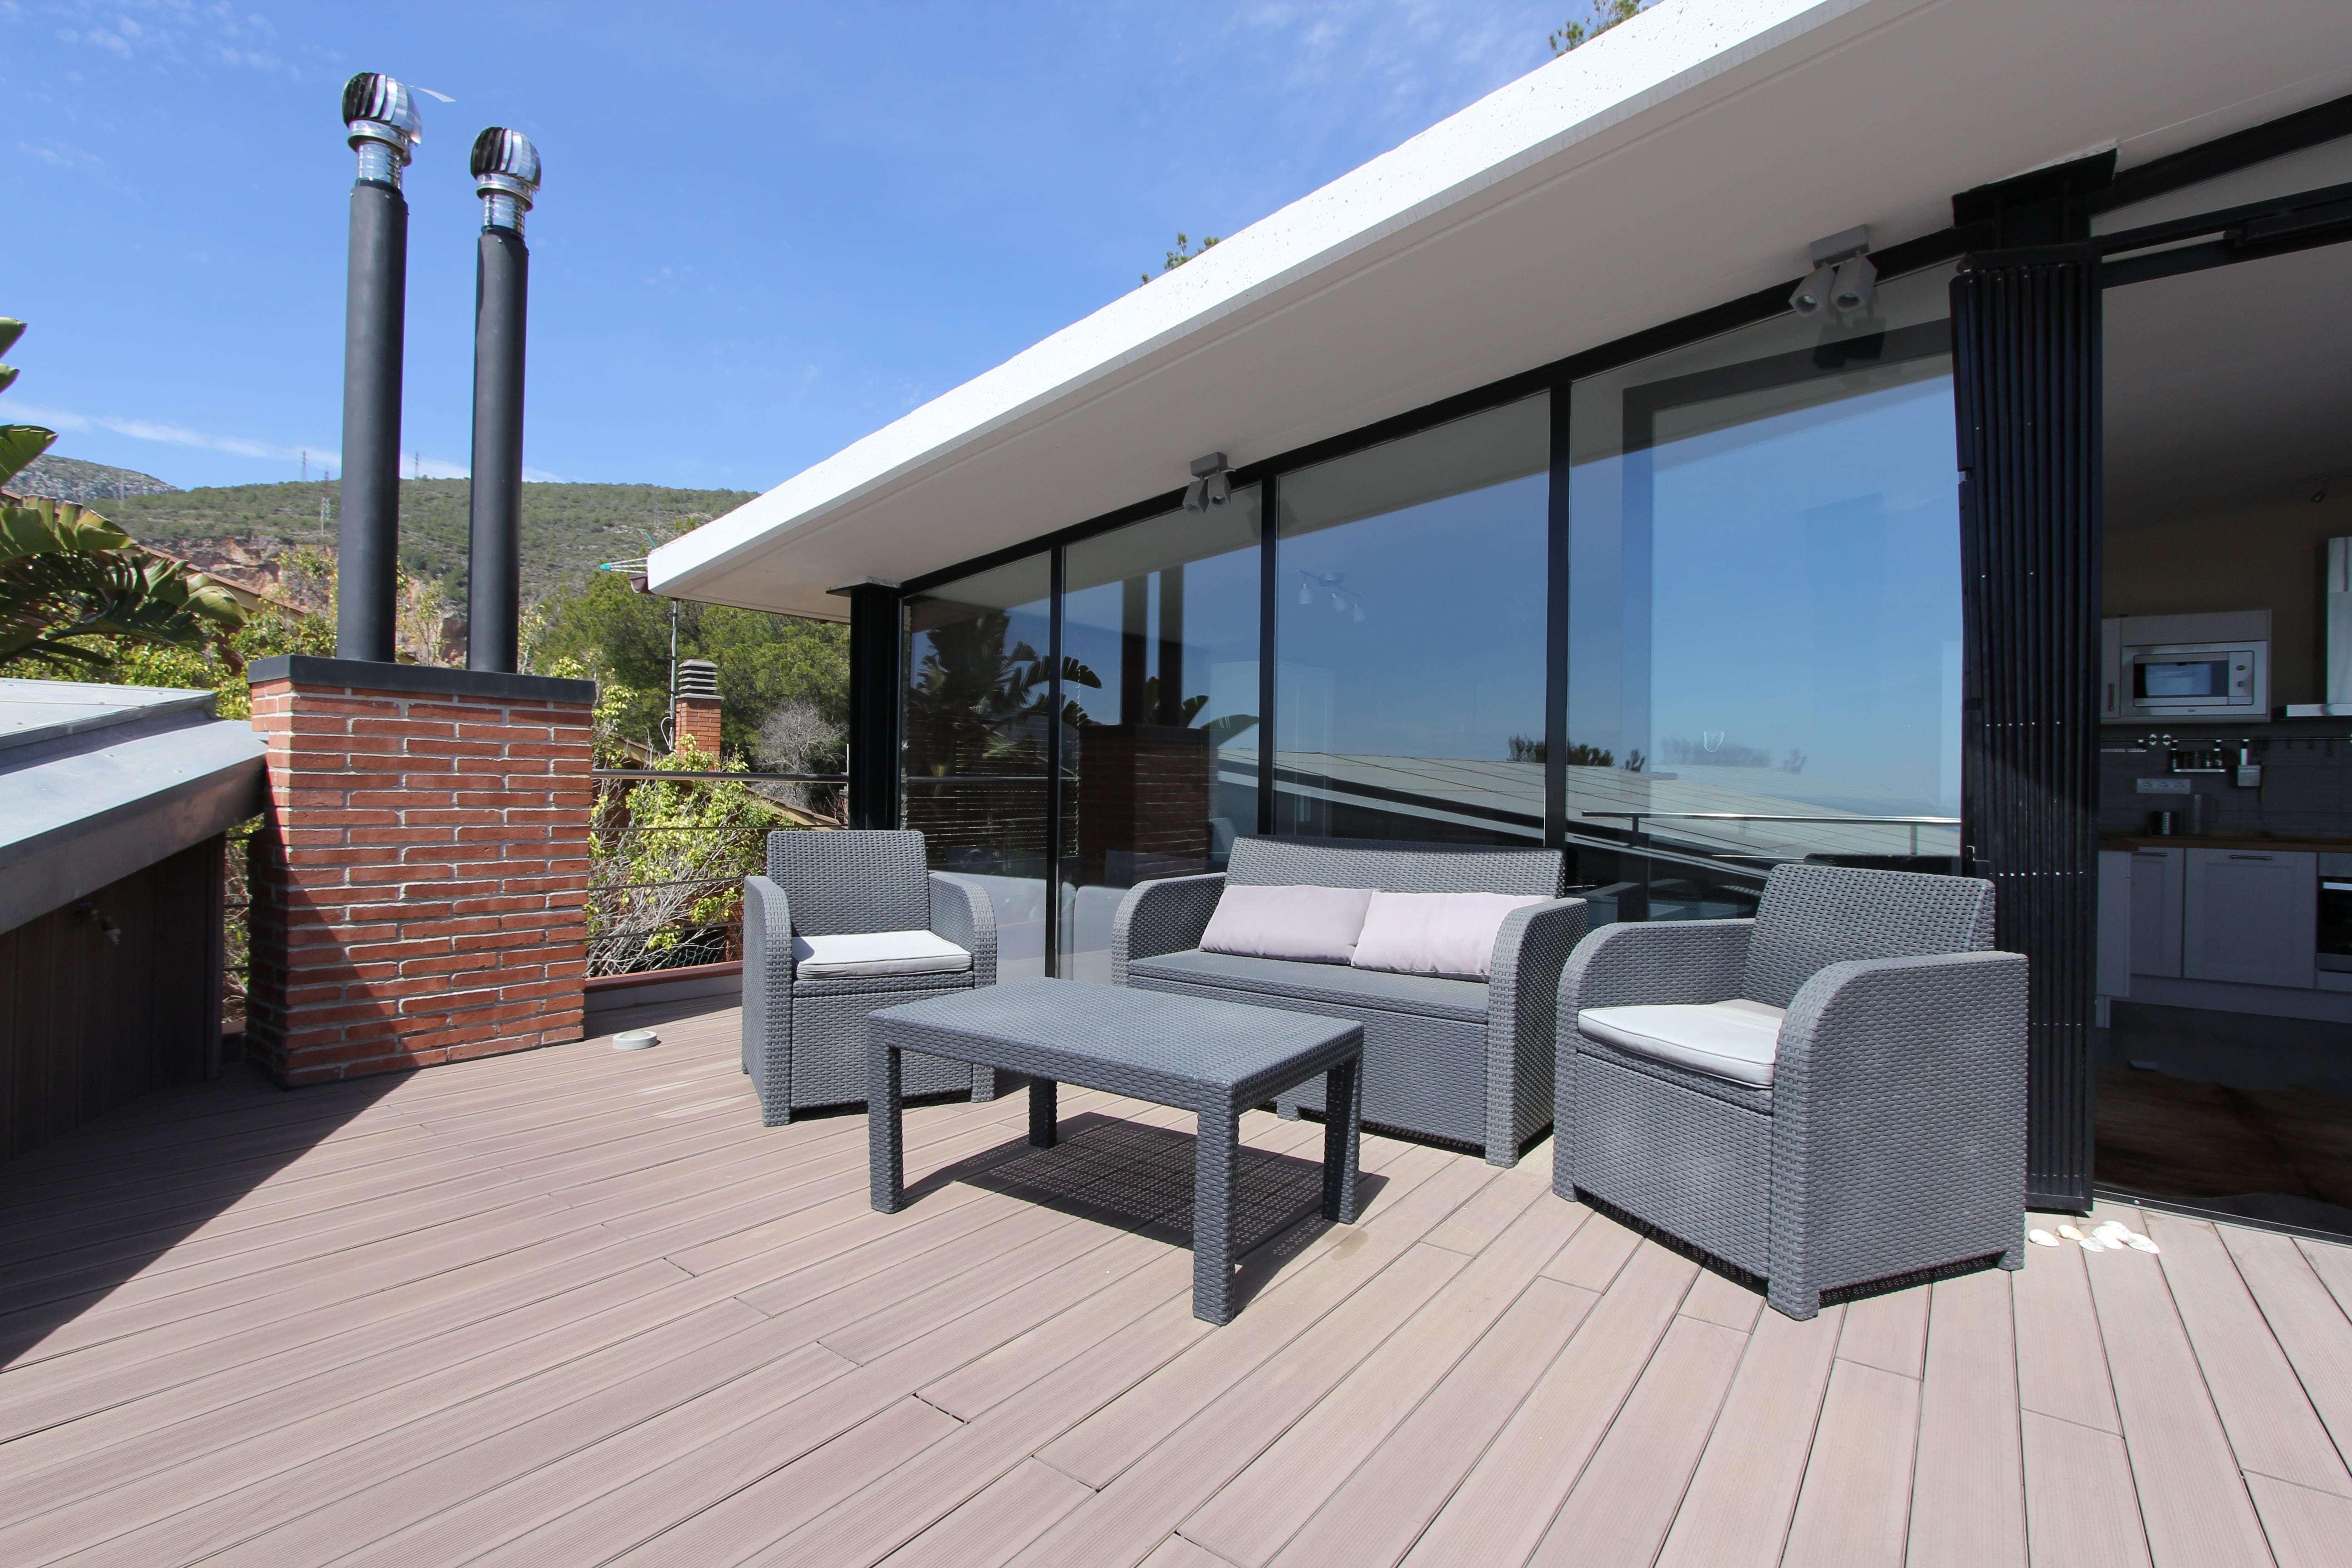 Moderno duplex con terraza grande